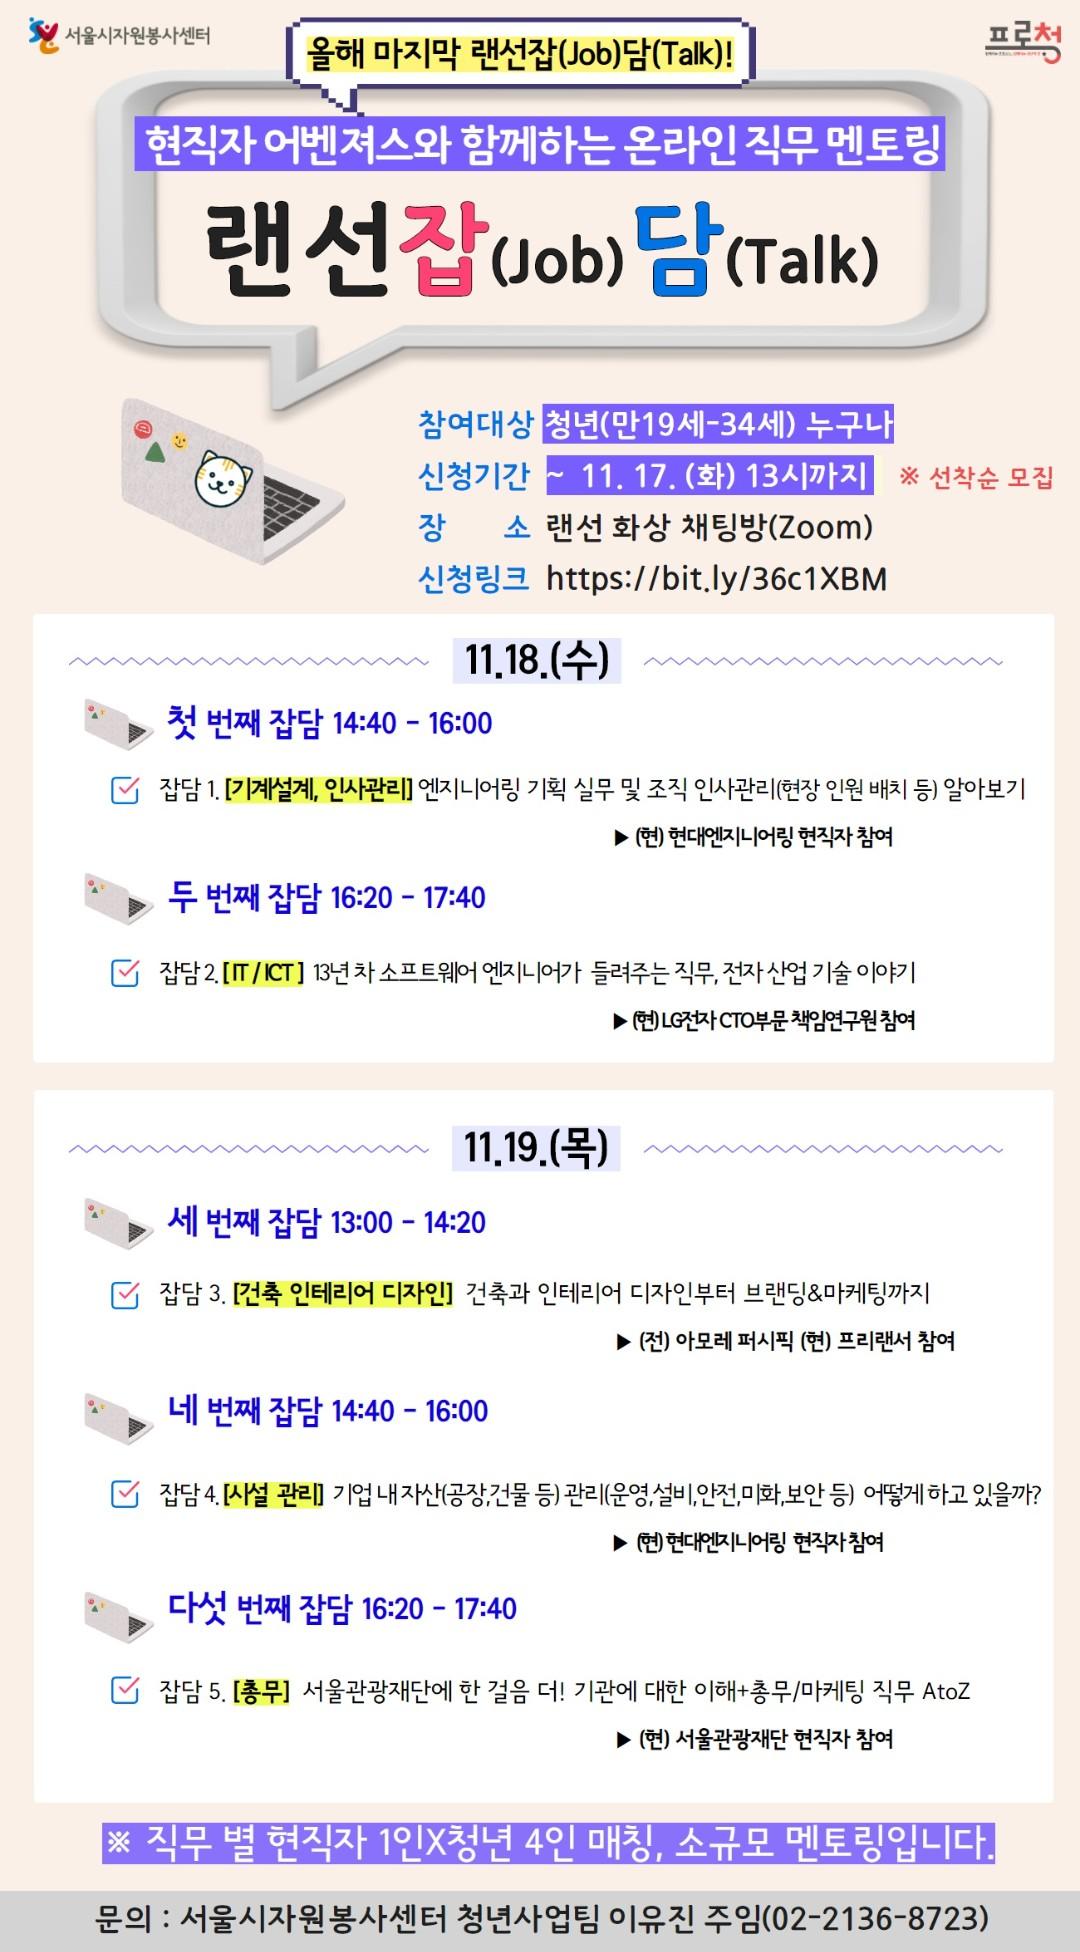 현직자 어벤져스 매칭데이 홍보 포스터.jpg